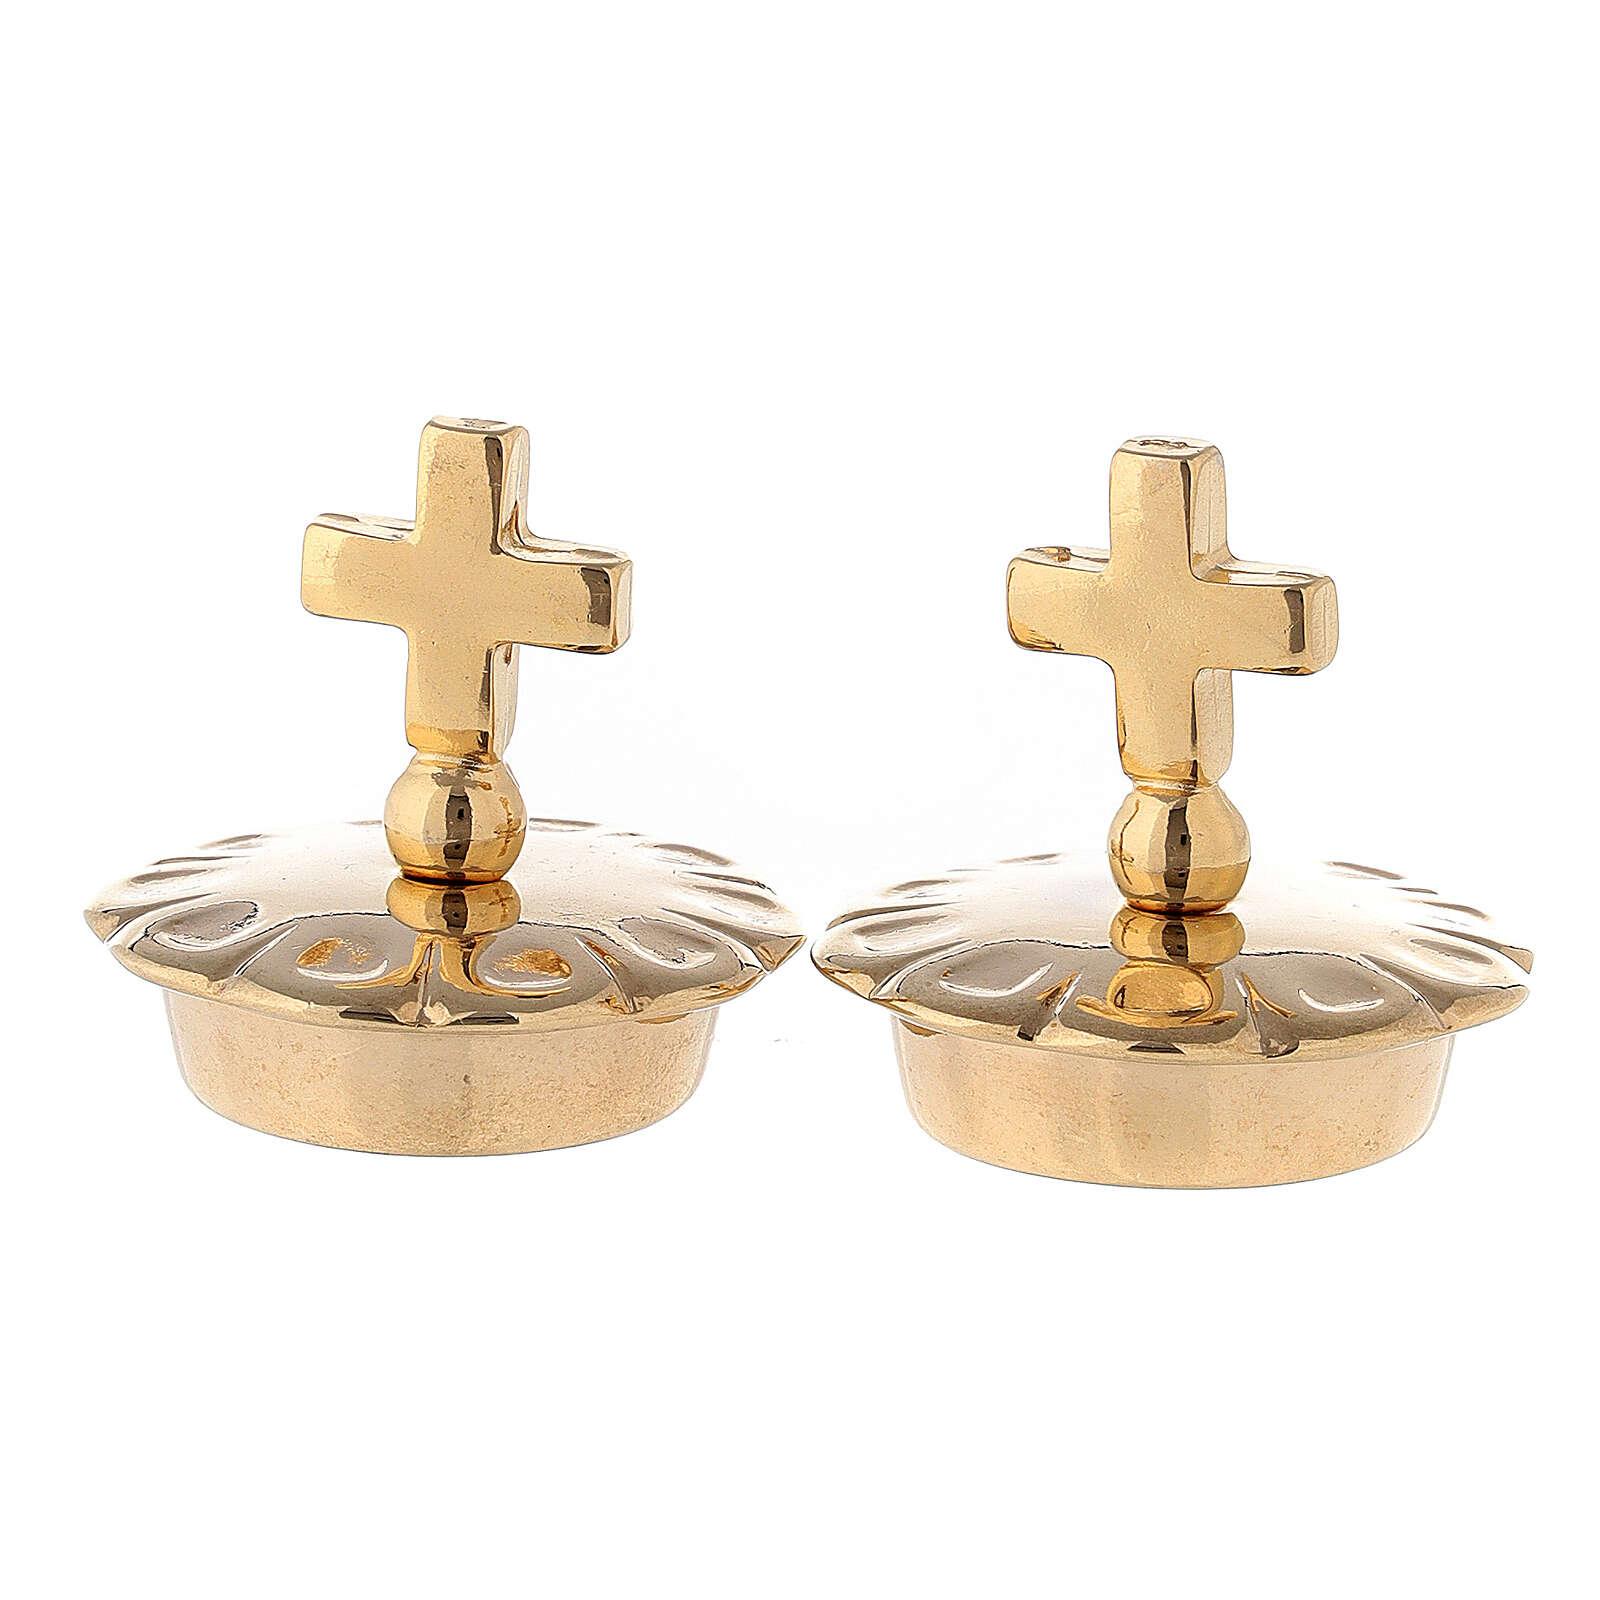 Coppia tappi croce semplice ottone 24K brocche Palermo Ravenna Parma  4